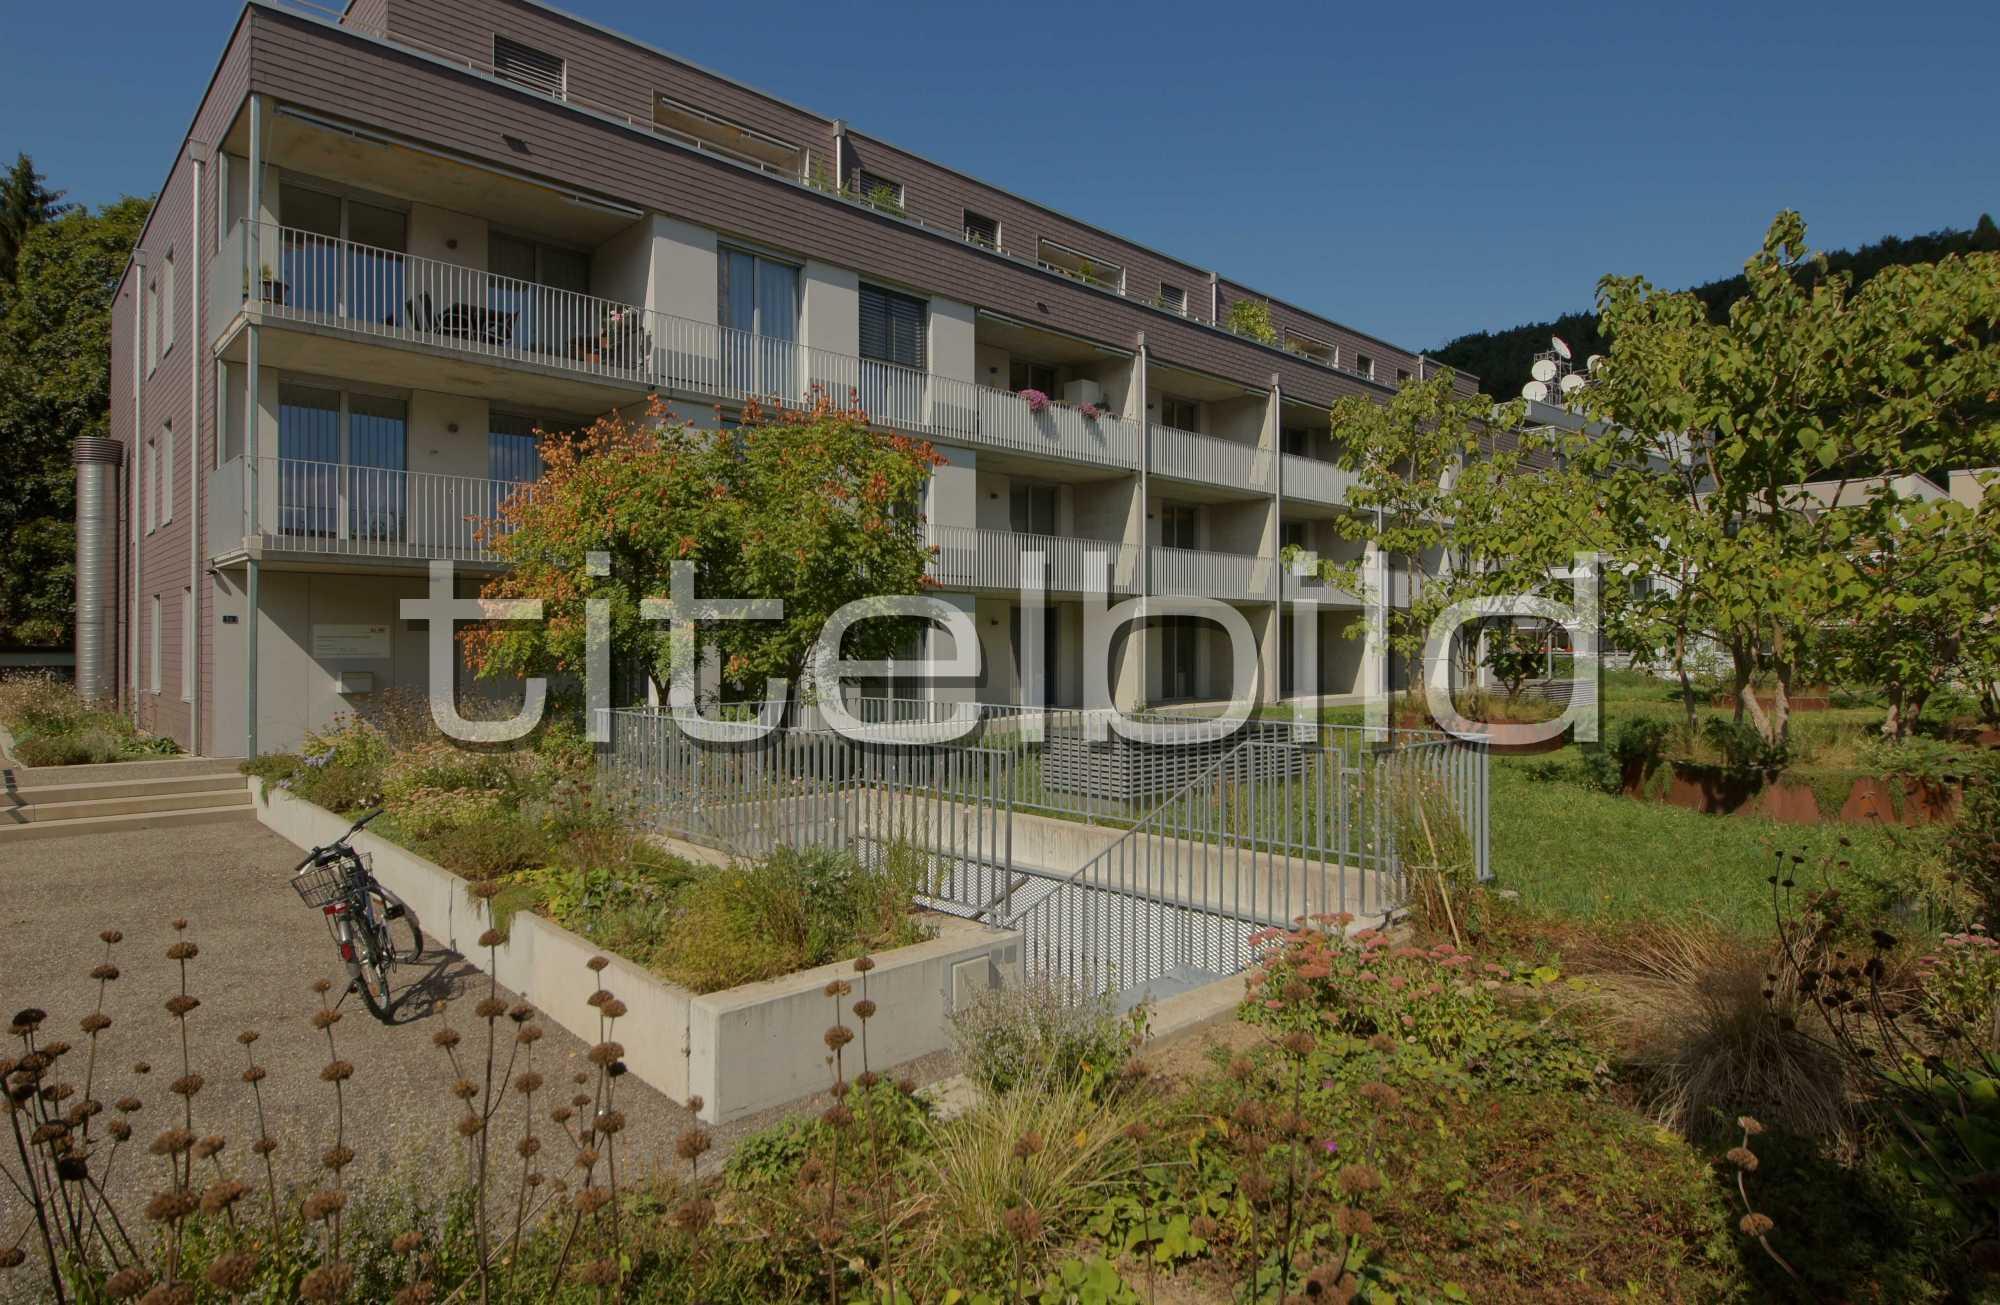 Projektbild-Nr. 0: Büro- und Wohnhaus Mühlimatt